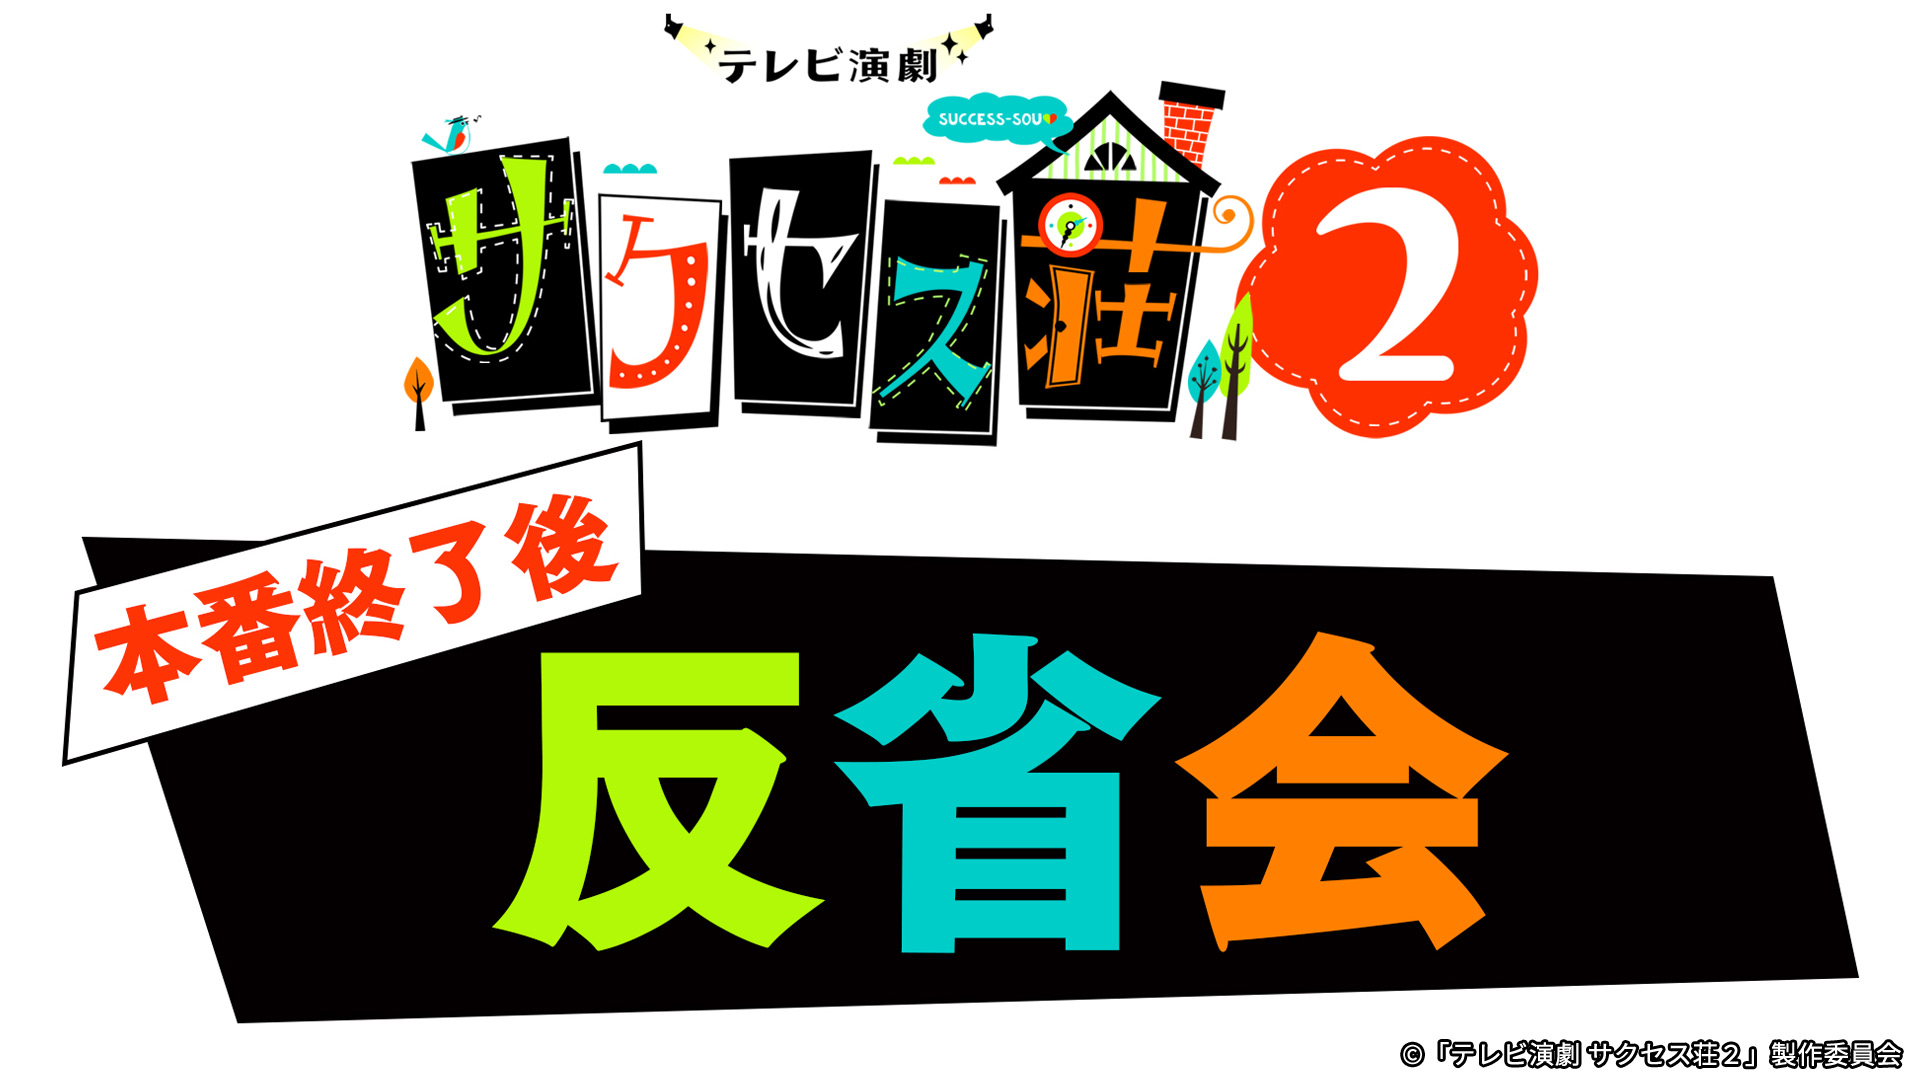 テレビ演劇 サクセス荘2《反省会》